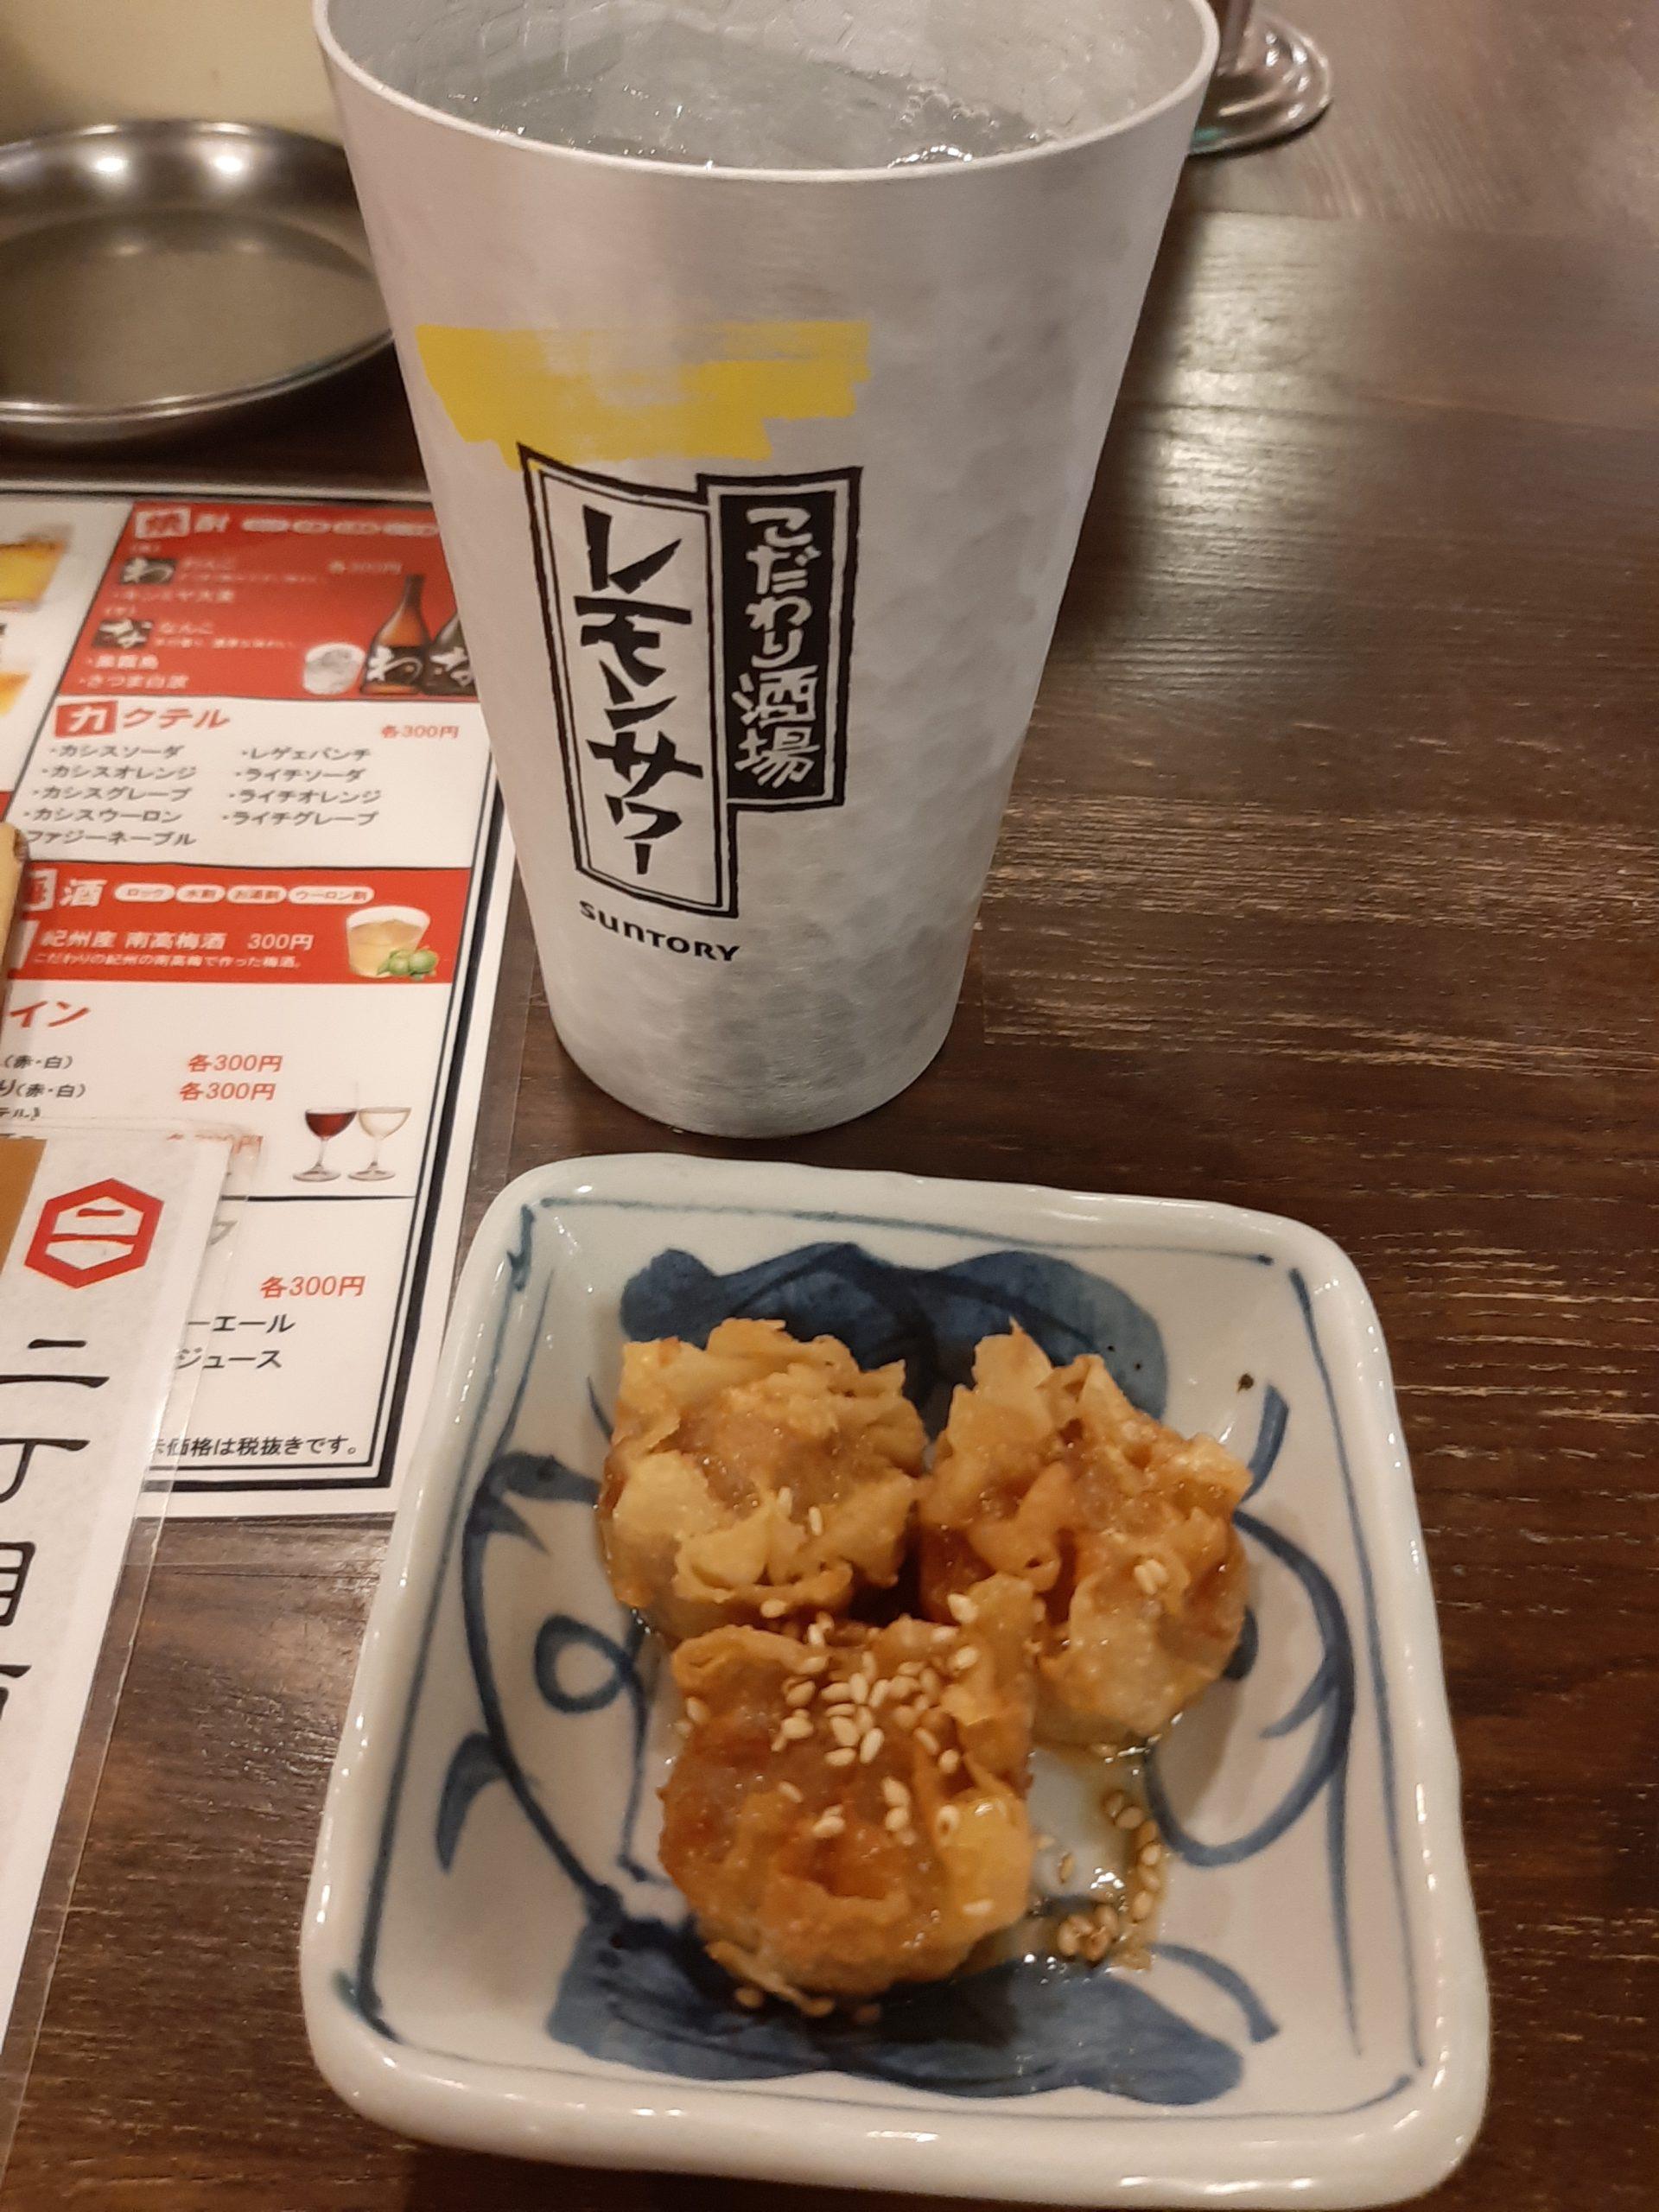 レモンサワーが99円!大人気の二丁目酒場 東口店に行ってみた!